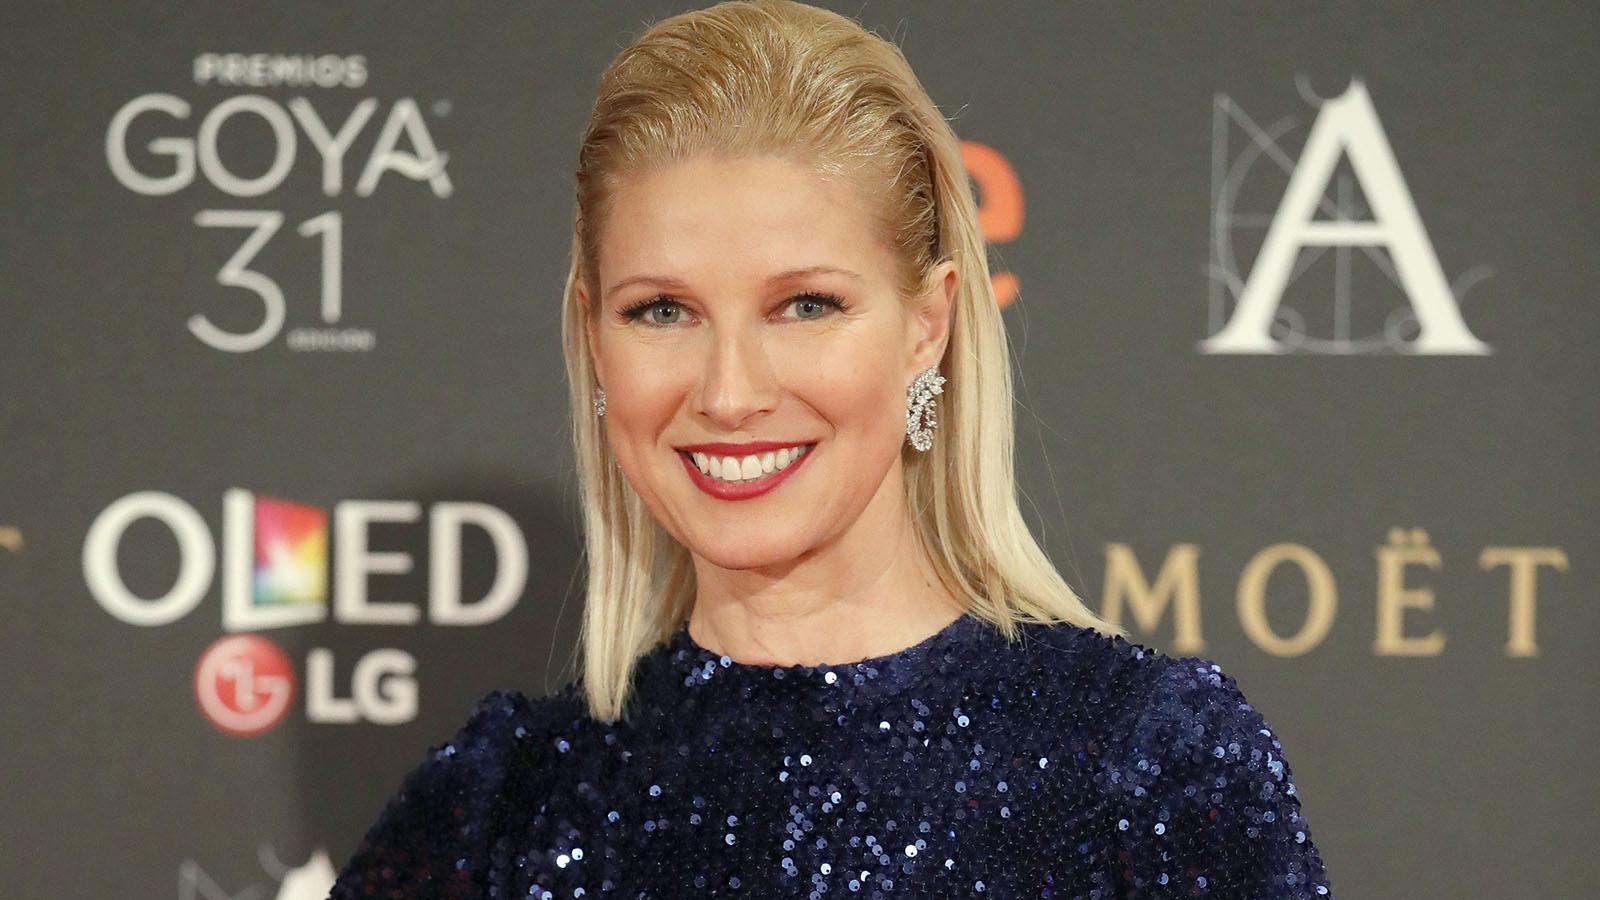 La presentadora Anne Igartiburu llevaba joyas de los Goya de Suárez, según la Academia.